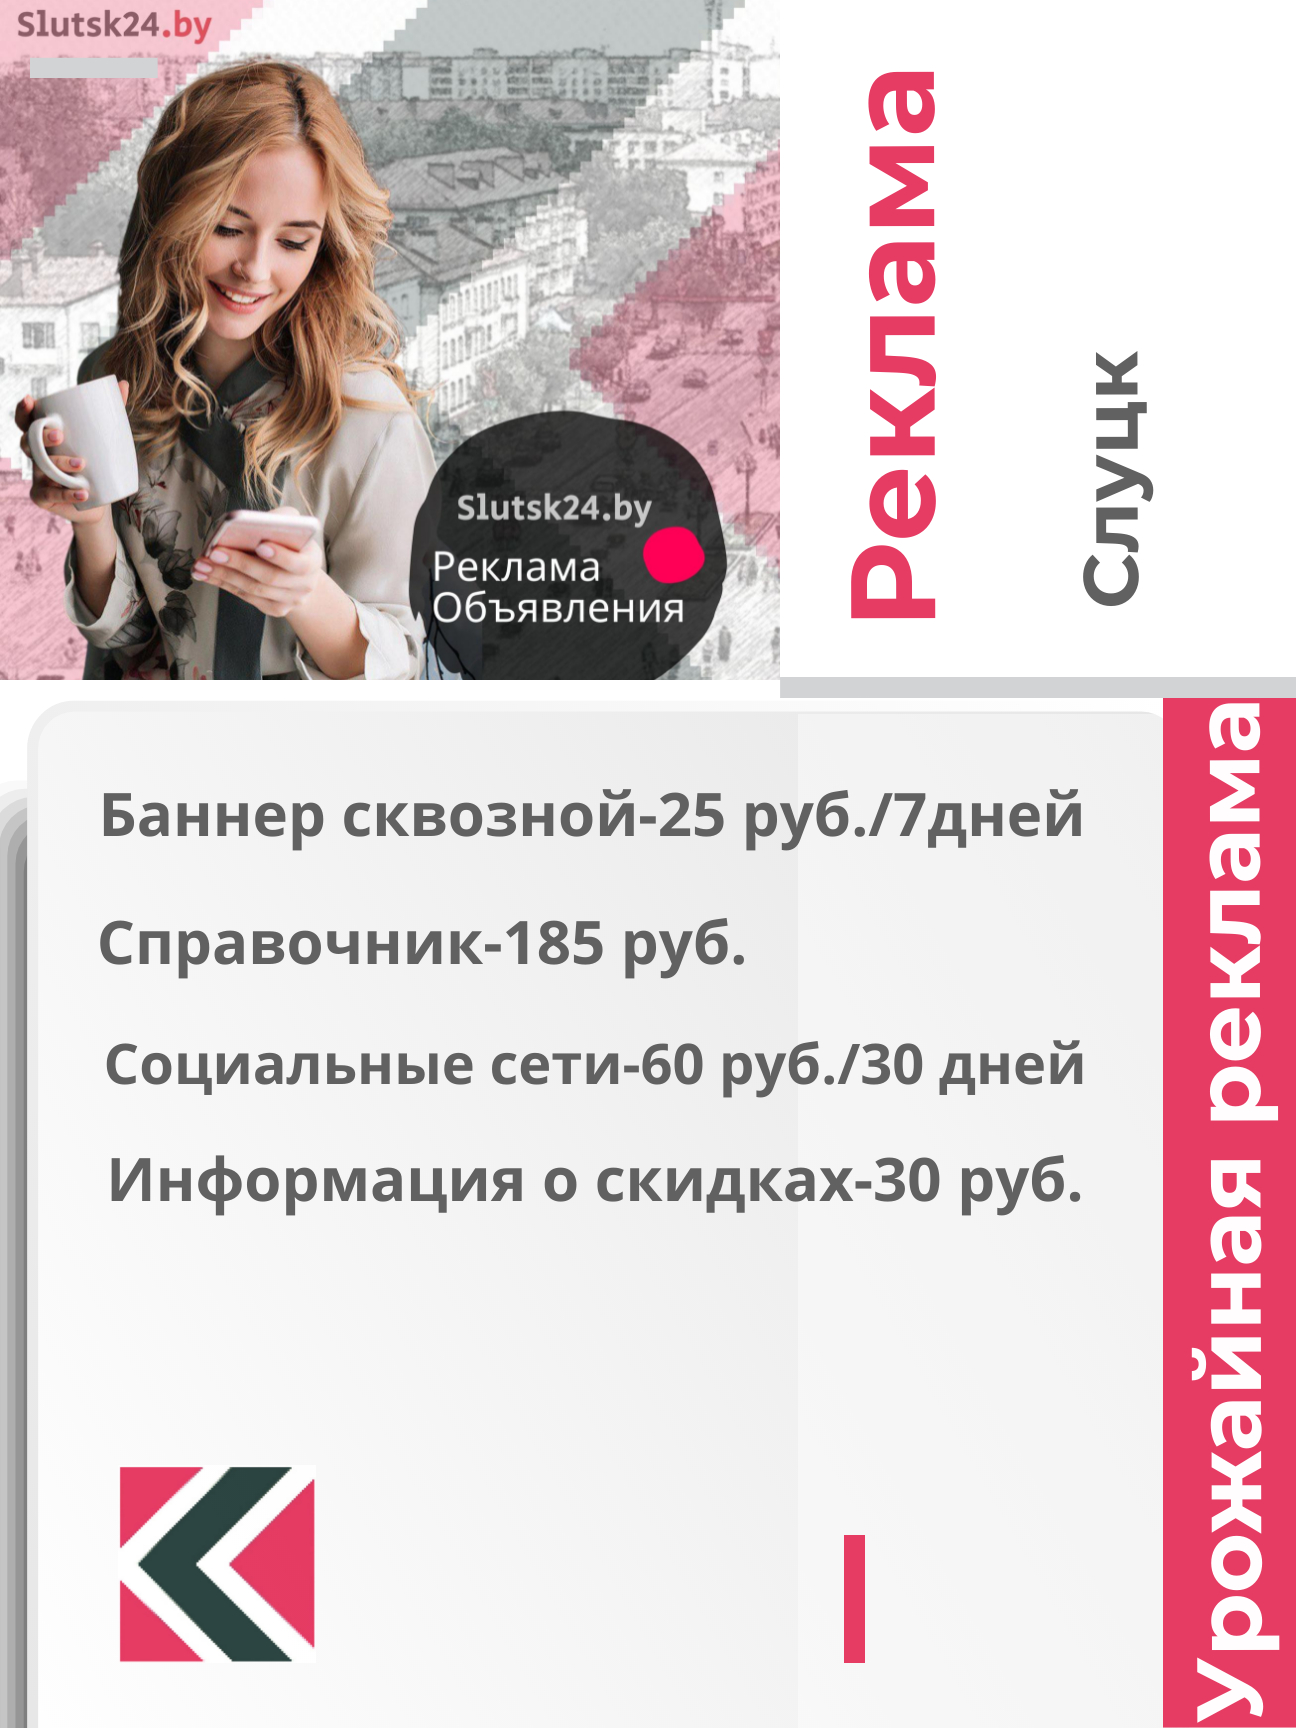 Слуцк24 реклама